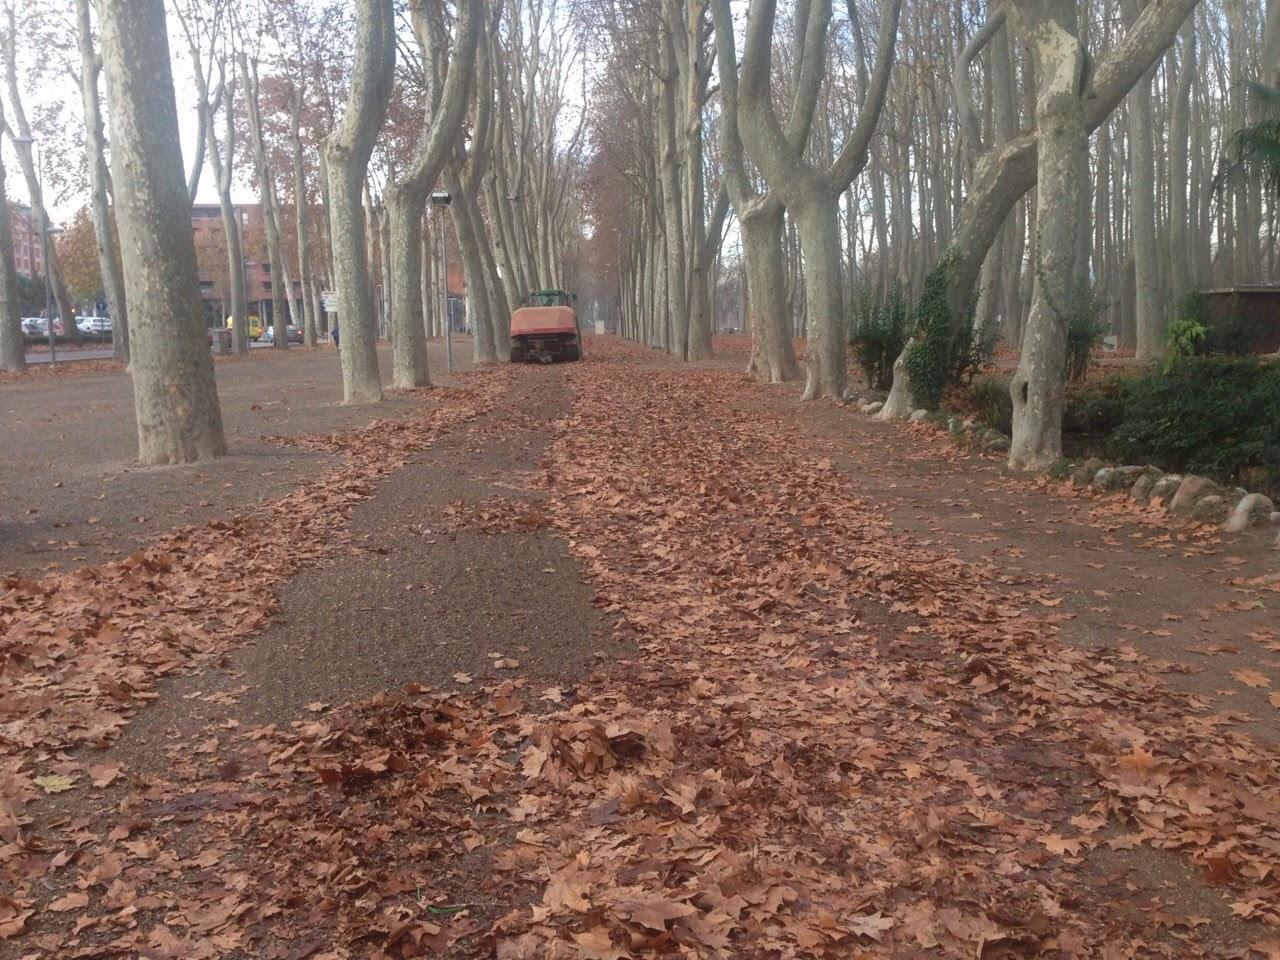 Photo: Embalant fulles al Parc de la Devesa de Girona amb la Bio de Kverneland 19/12/14